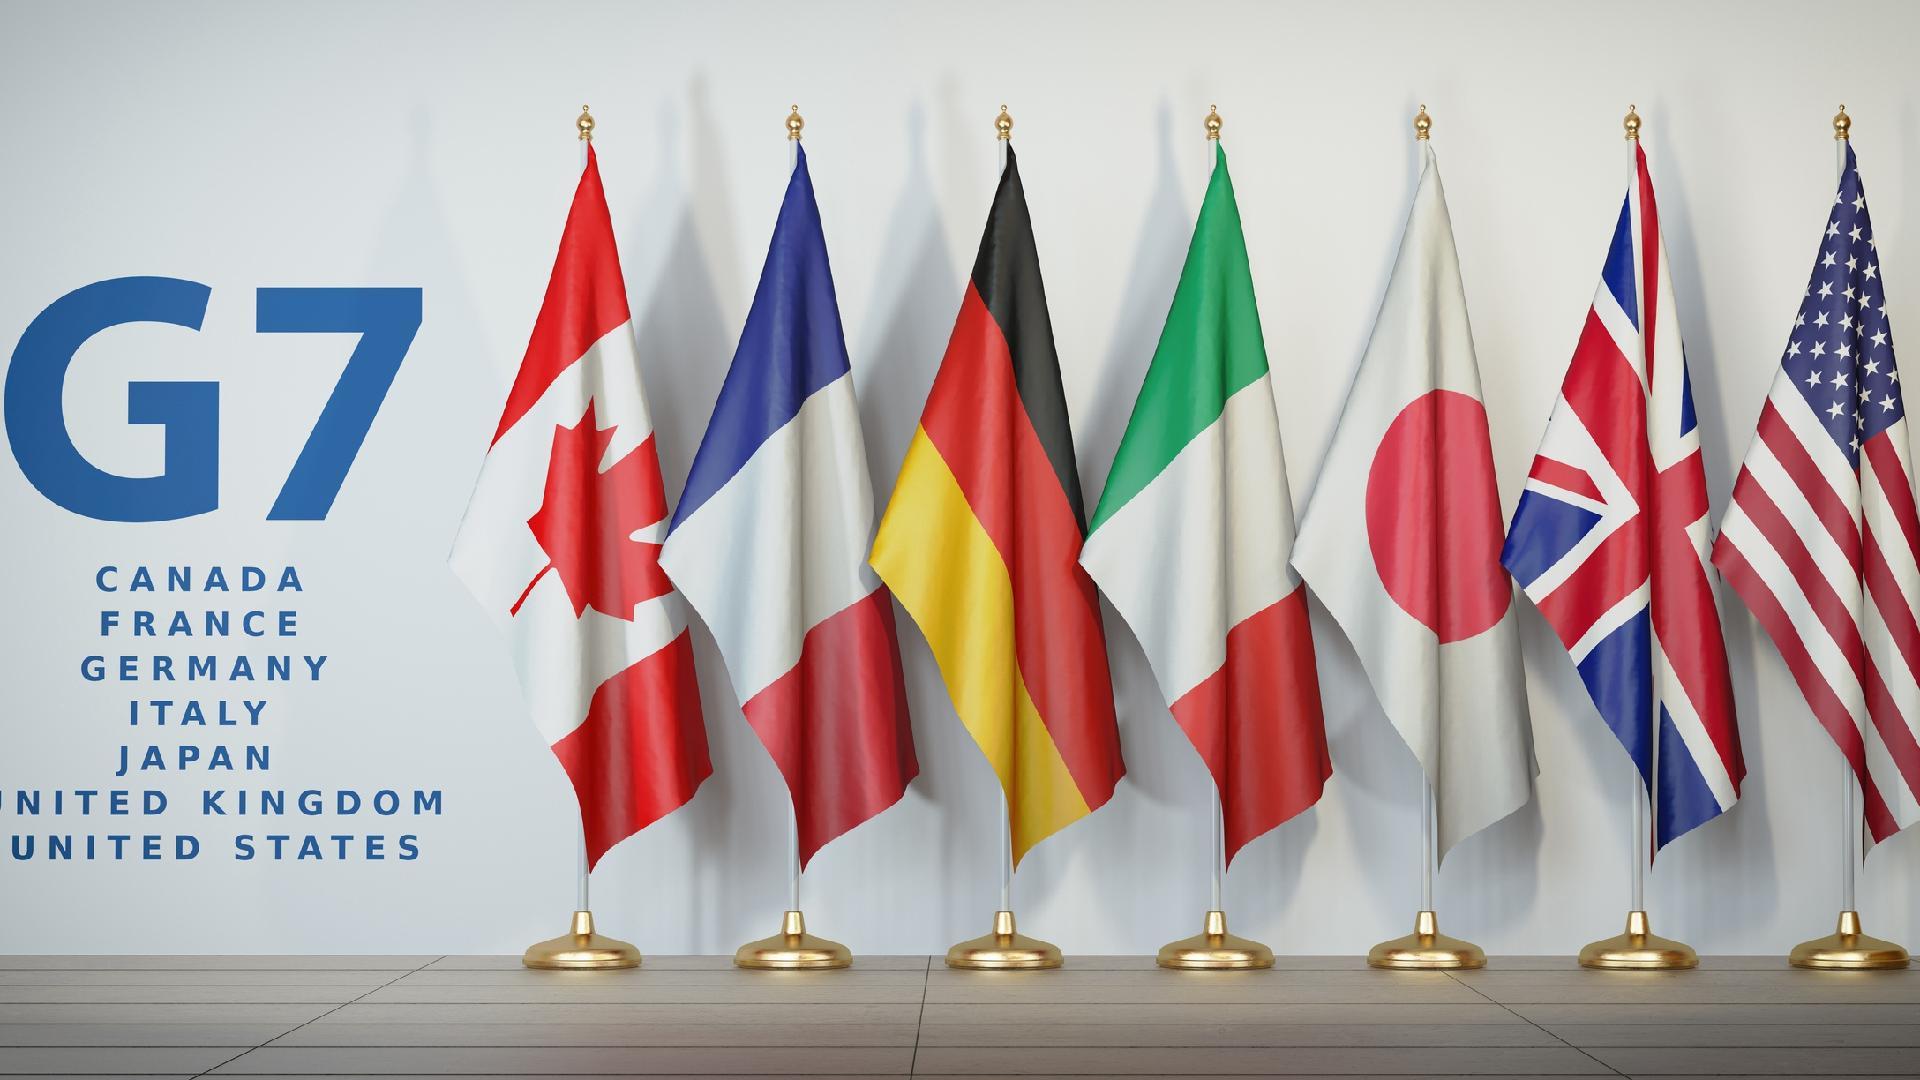 નોંધનીય છે કે, G 7 નેતાઓ દક્ષિણ પશ્ચિમ ઇંગ્લેંડમાં બેઠક કરી રહ્યા છે અને બેઇજિંગ સાથે વ્યૂહાત્મક સ્પર્ધા અંગે ચર્ચા કરી રહ્યા છે. અમેરિકાના રાષ્ટ્રપતિ જોન બીડેન અને અન્ય G 7નાં નેતાઓ બિલ્ડ બેક બેટર વર્લ્ડ (B3W) પહેલ દ્વારા ચીનના BRI પ્રોજેક્ટનો વિકલ્પ ઉભો કરવા માગે છે. વ્હાઇટ હાઉસ દ્વારા કહેવામાં આવ્યું છે કે, આ પારદર્શક માળખાગત પ્રોજેક્ટ પર લગભગ 40 ટ્રિલિયન ડોલરનો ખર્ચ થશે.